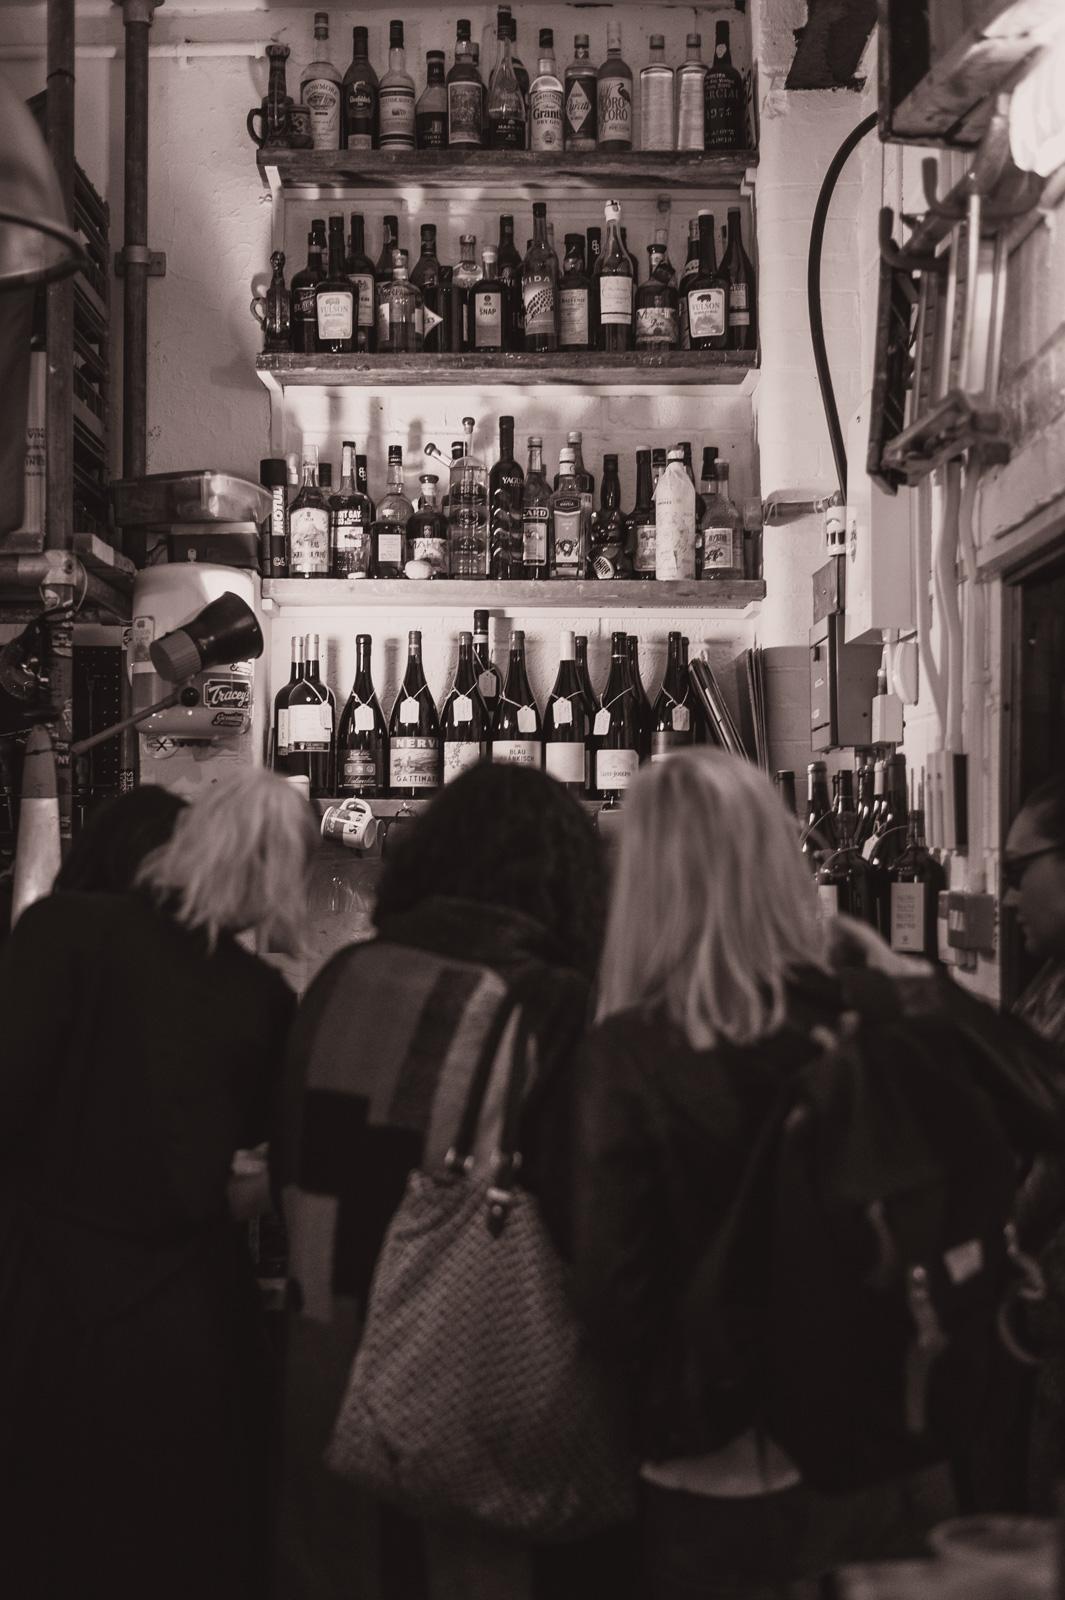 Busy bar. Fri 13 May 2016.